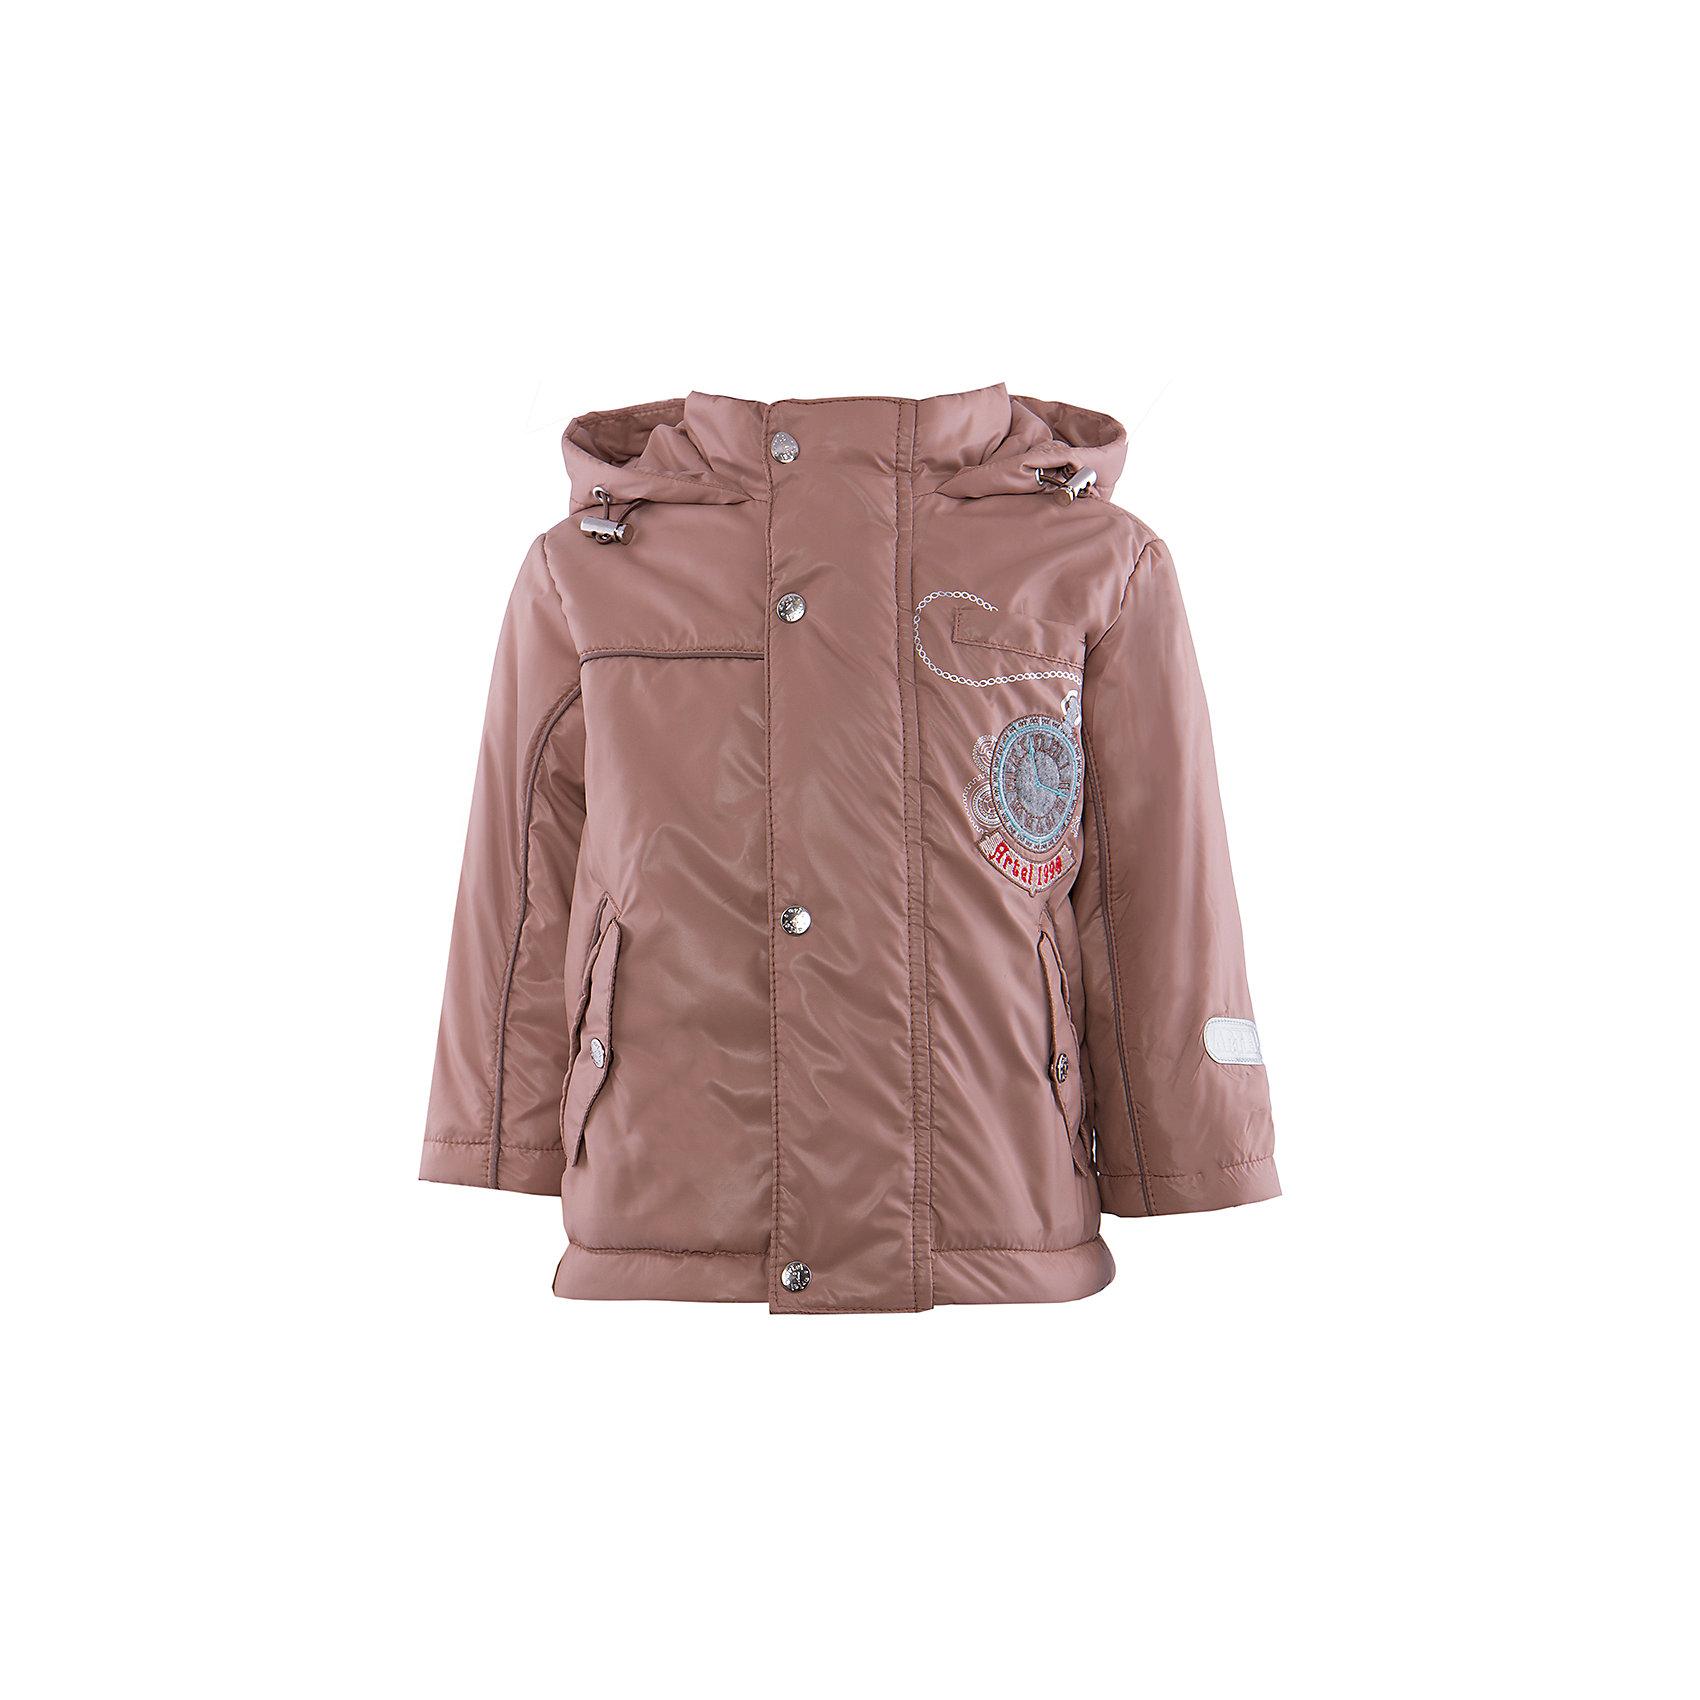 Куртка для мальчика АртельВерхняя одежда<br>Куртка для мальчика от торговой марки Артель &#13;<br>&#13;<br>Стильная утепленная куртка позволит ребенку чувствовать себя комфортно даже в холодную погоду. Сделана она из качественных материалов, поэтому может прослужить не один сезон. Практичная и удобная вещь.<br>Одежда от бренда Артель – это высокое качество по приемлемой цене и всегда продуманный дизайн. &#13;<br>&#13;<br>Особенности модели: &#13;<br>- цвет - бежевый;&#13;<br>- наличие карманов;&#13;<br>- капюшон;<br>- утеплитель;&#13;<br>- украшена вышивкой;&#13;<br>- застежка-молния, ветрозащитный клапан на кнопках.&#13;<br>&#13;<br>Дополнительная информация:&#13;<br>&#13;<br>Состав: &#13;<br>- верх: FITSYSTEM;<br>- подкладка: тиси;<br>- утеплитель: термофайбер 100 г<br>&#13;<br>Температурный режим: &#13;<br>от - 10 °C до + 10 °C&#13;<br>&#13;<br>Куртку для мальчика Артель (Artel) можно купить в нашем магазине.<br><br>Ширина мм: 356<br>Глубина мм: 10<br>Высота мм: 245<br>Вес г: 519<br>Цвет: бежевый<br>Возраст от месяцев: 24<br>Возраст до месяцев: 36<br>Пол: Мужской<br>Возраст: Детский<br>Размер: 98,80,86,92<br>SKU: 4496279